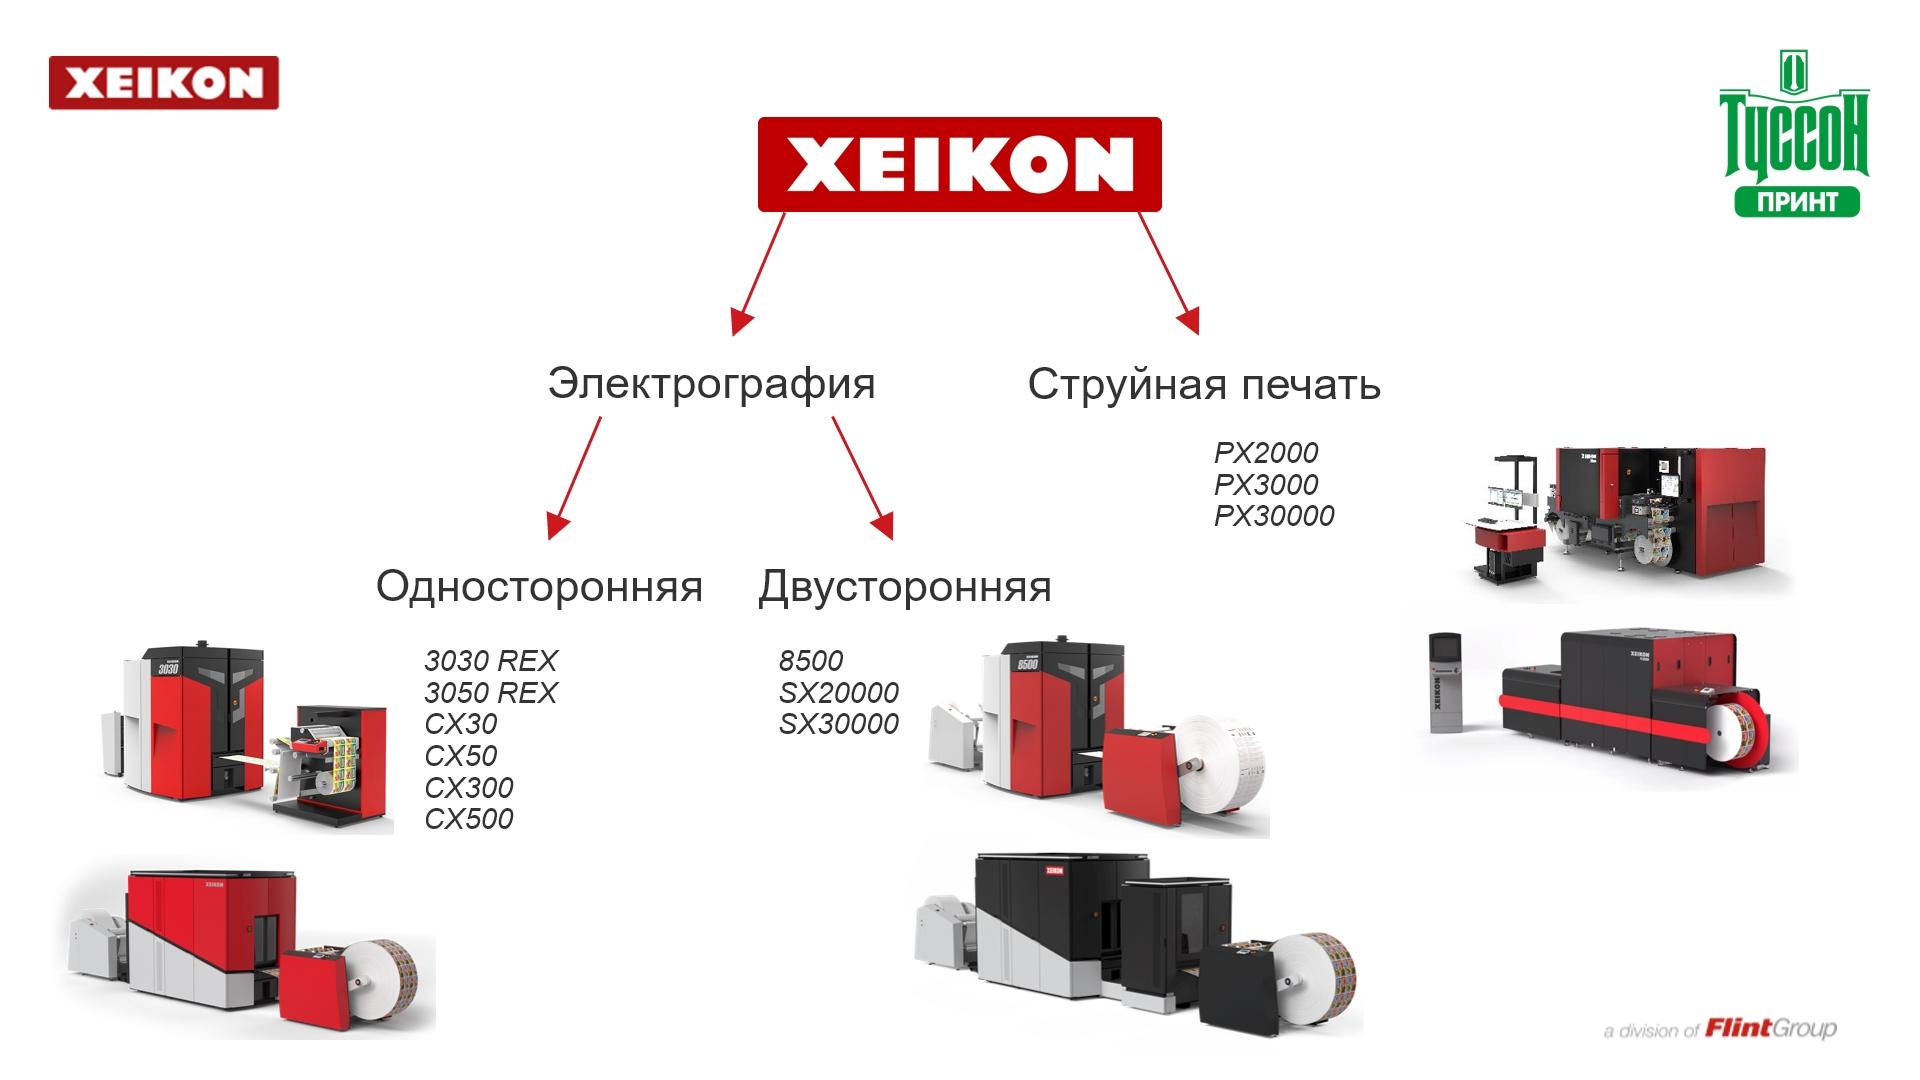 Портфолио цифровых печатных машин Xeikon по состоянию на 2021 г.